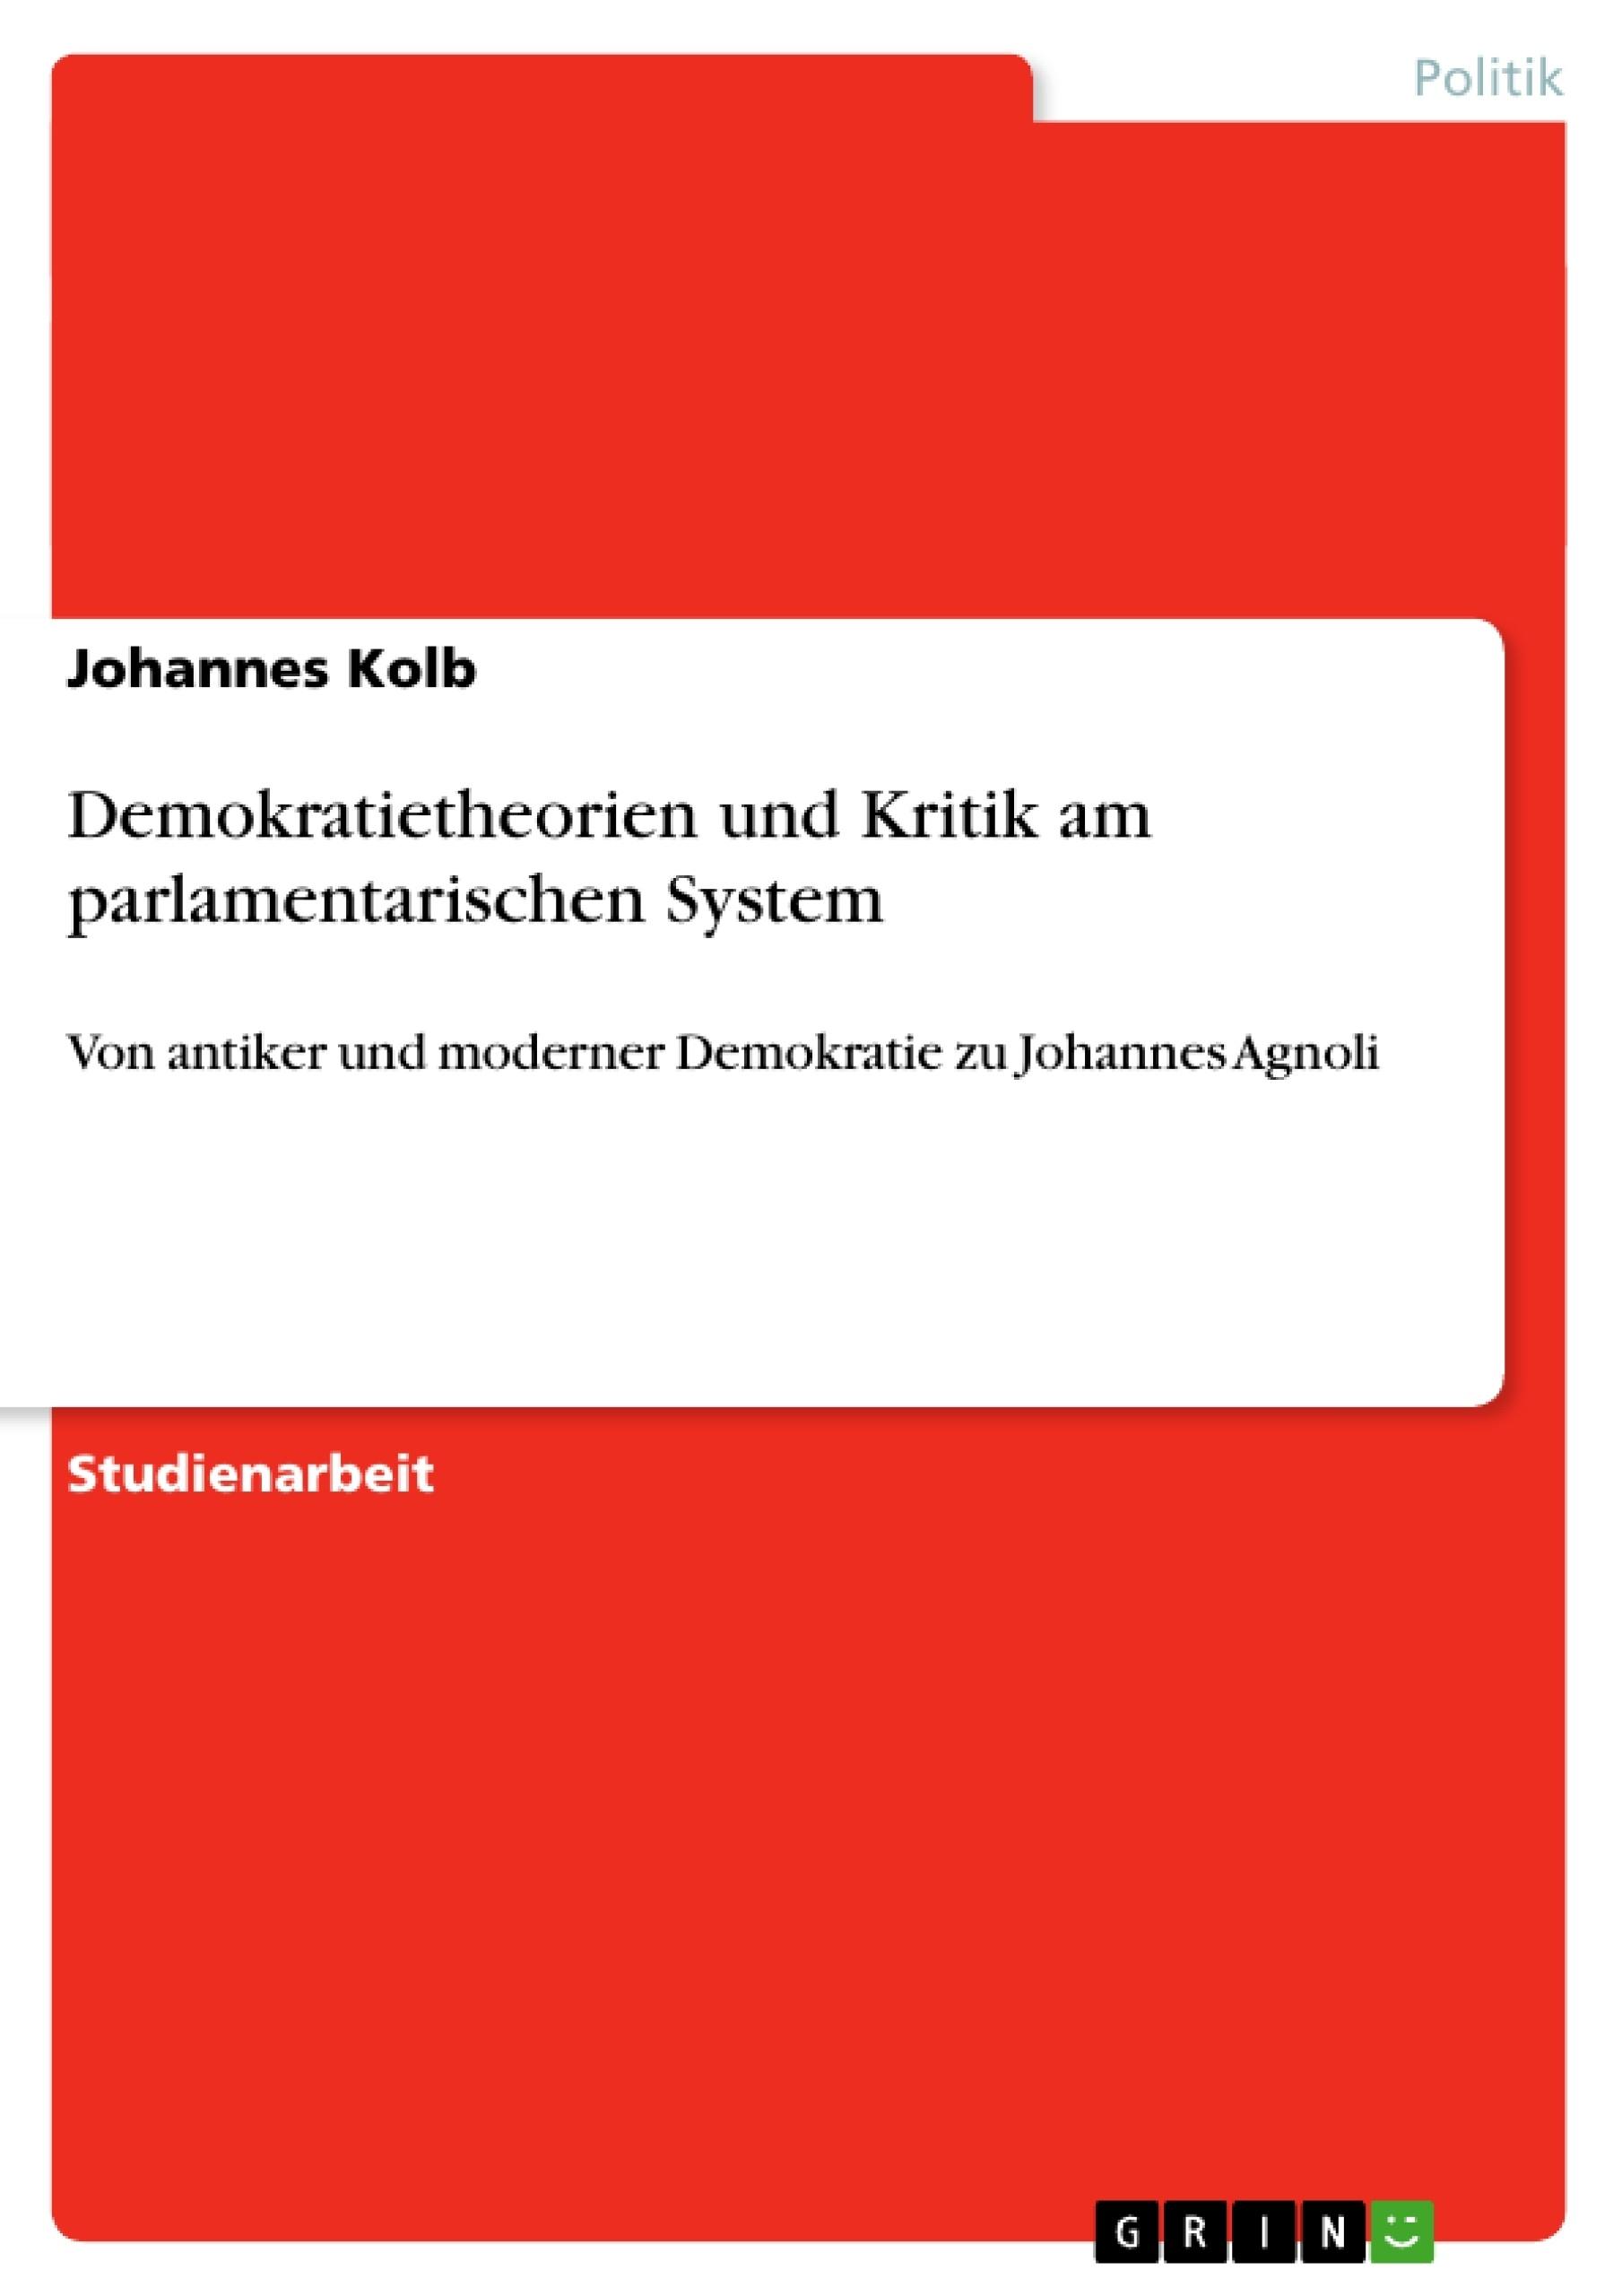 Titel: Demokratietheorien und Kritik am parlamentarischen System